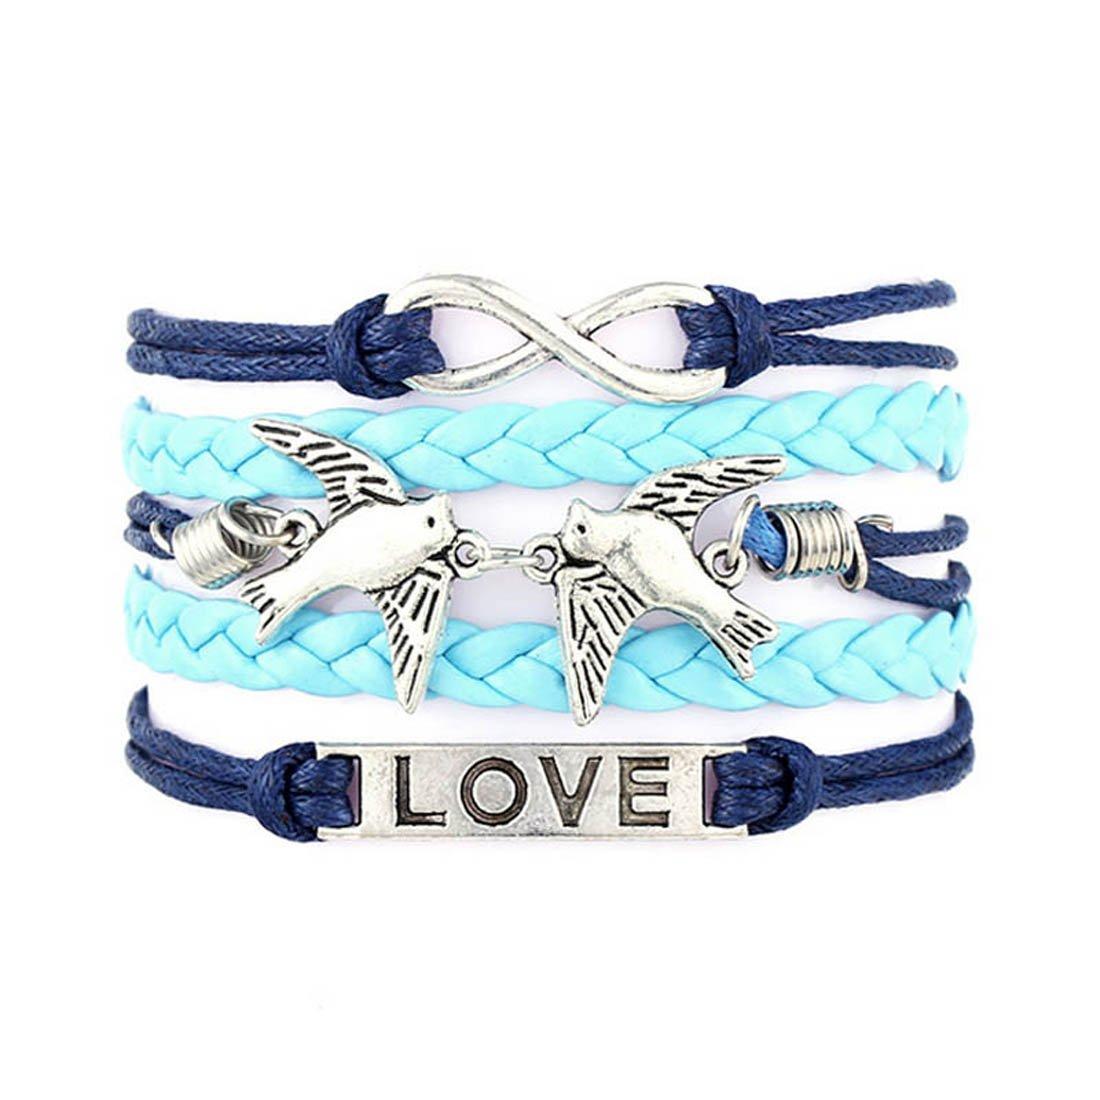 samidy Cute tejido pulsera Nice Love y el amor Significado pulsera ...